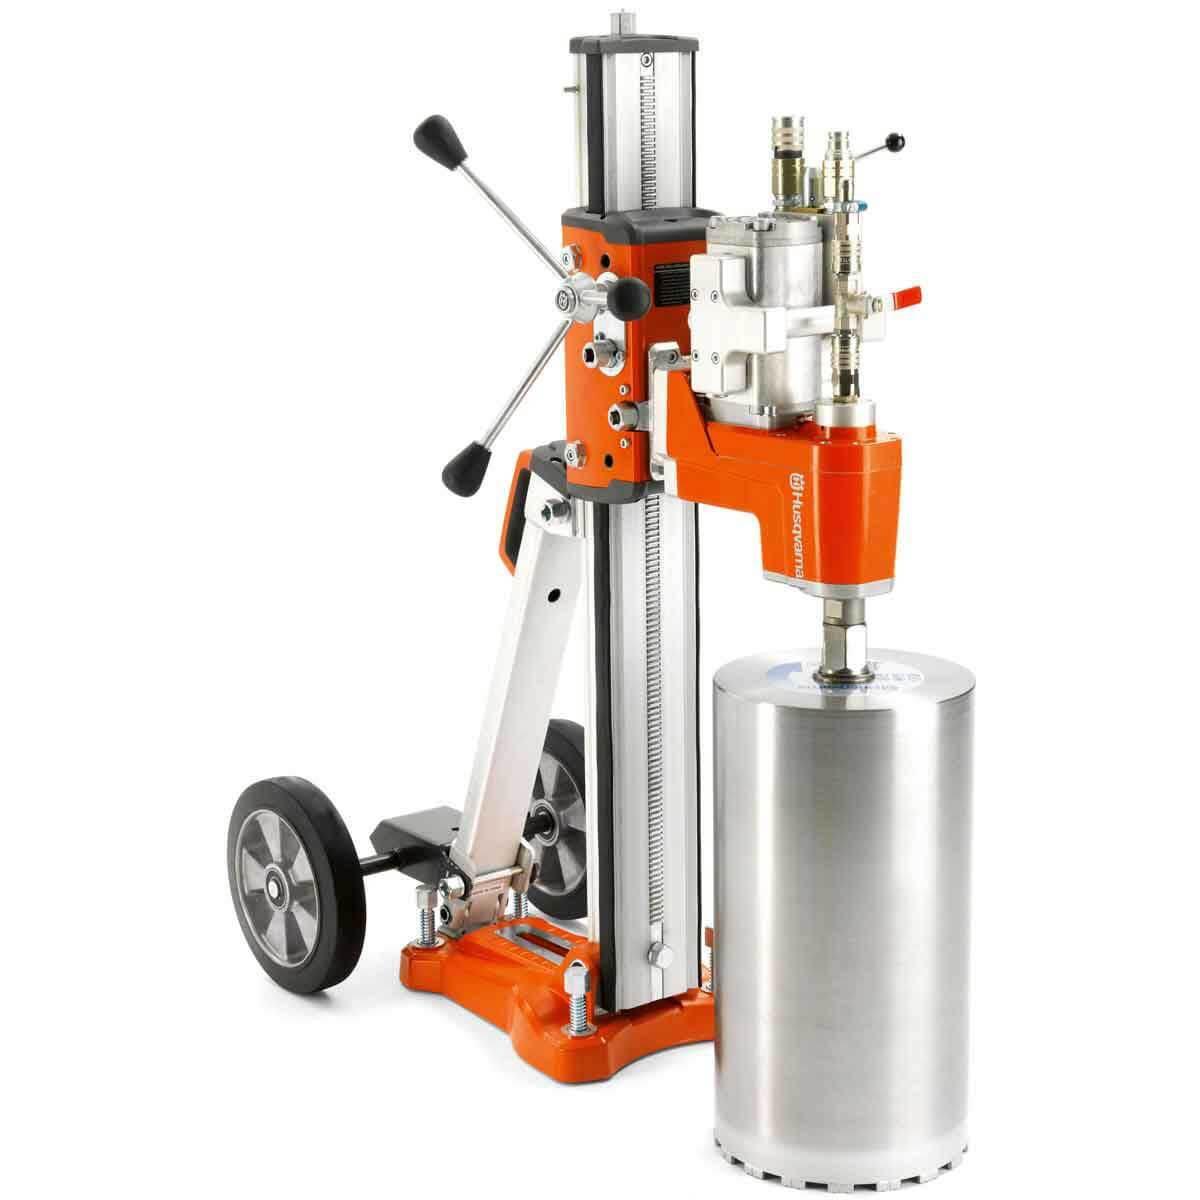 Husqvarna DM 406 H 6-Speed motor